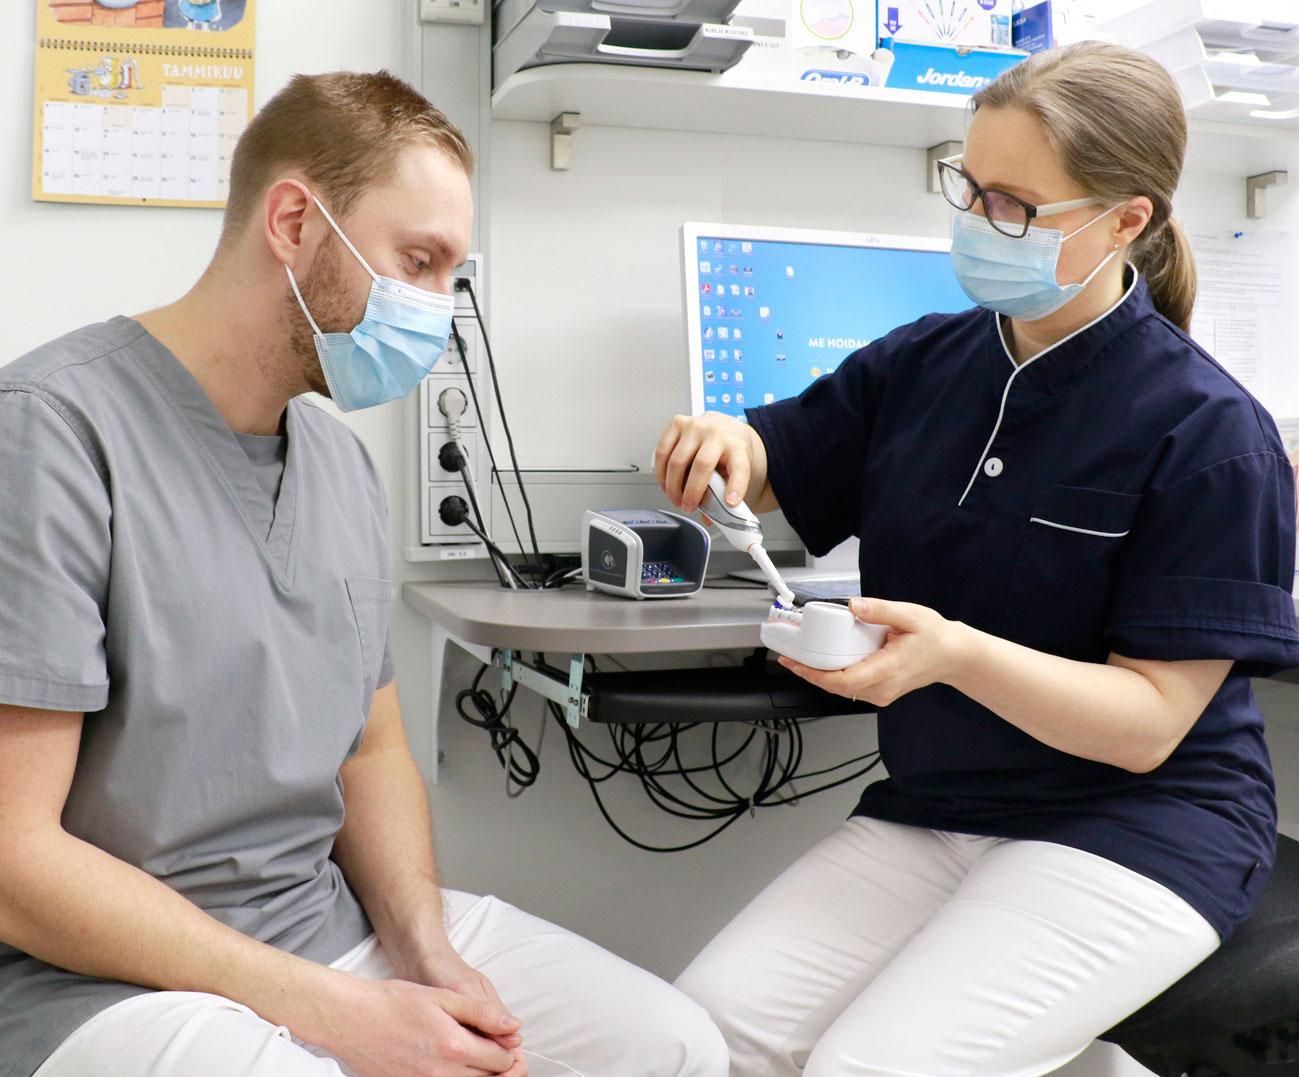 Lavastetussa kuvaustilanteessa hammaslääkäri Enni-Maria Junnila kertoo kollegalleen Pasi Karhatsulle, miten hampaat harjataan oikeaoppisesti.